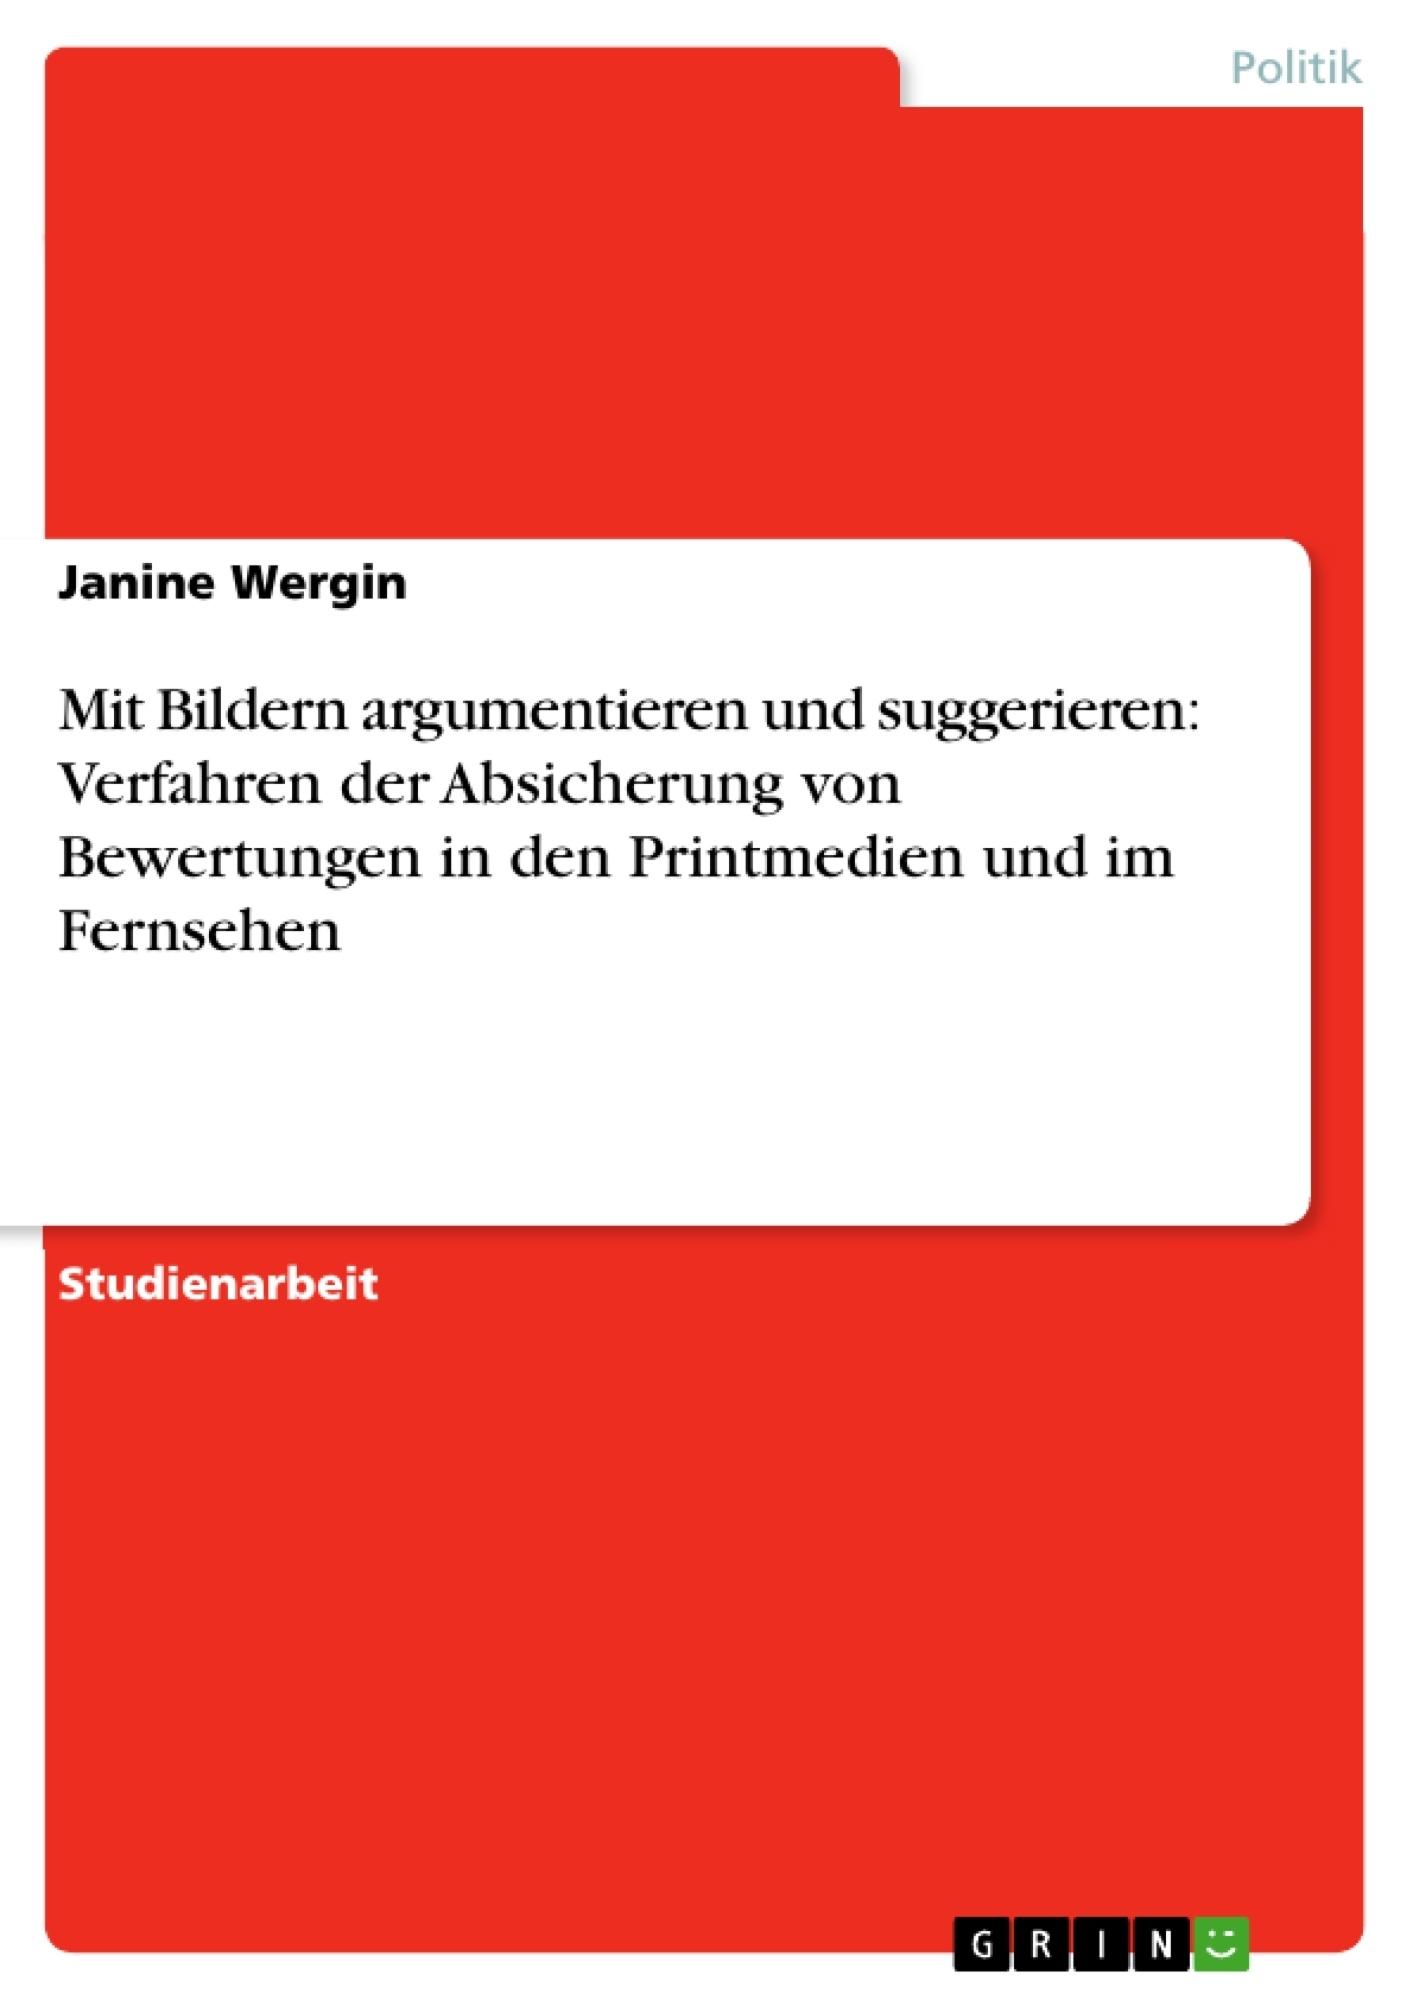 Titel: Mit Bildern argumentieren und suggerieren: Verfahren der Absicherung von Bewertungen in den Printmedien und im Fernsehen